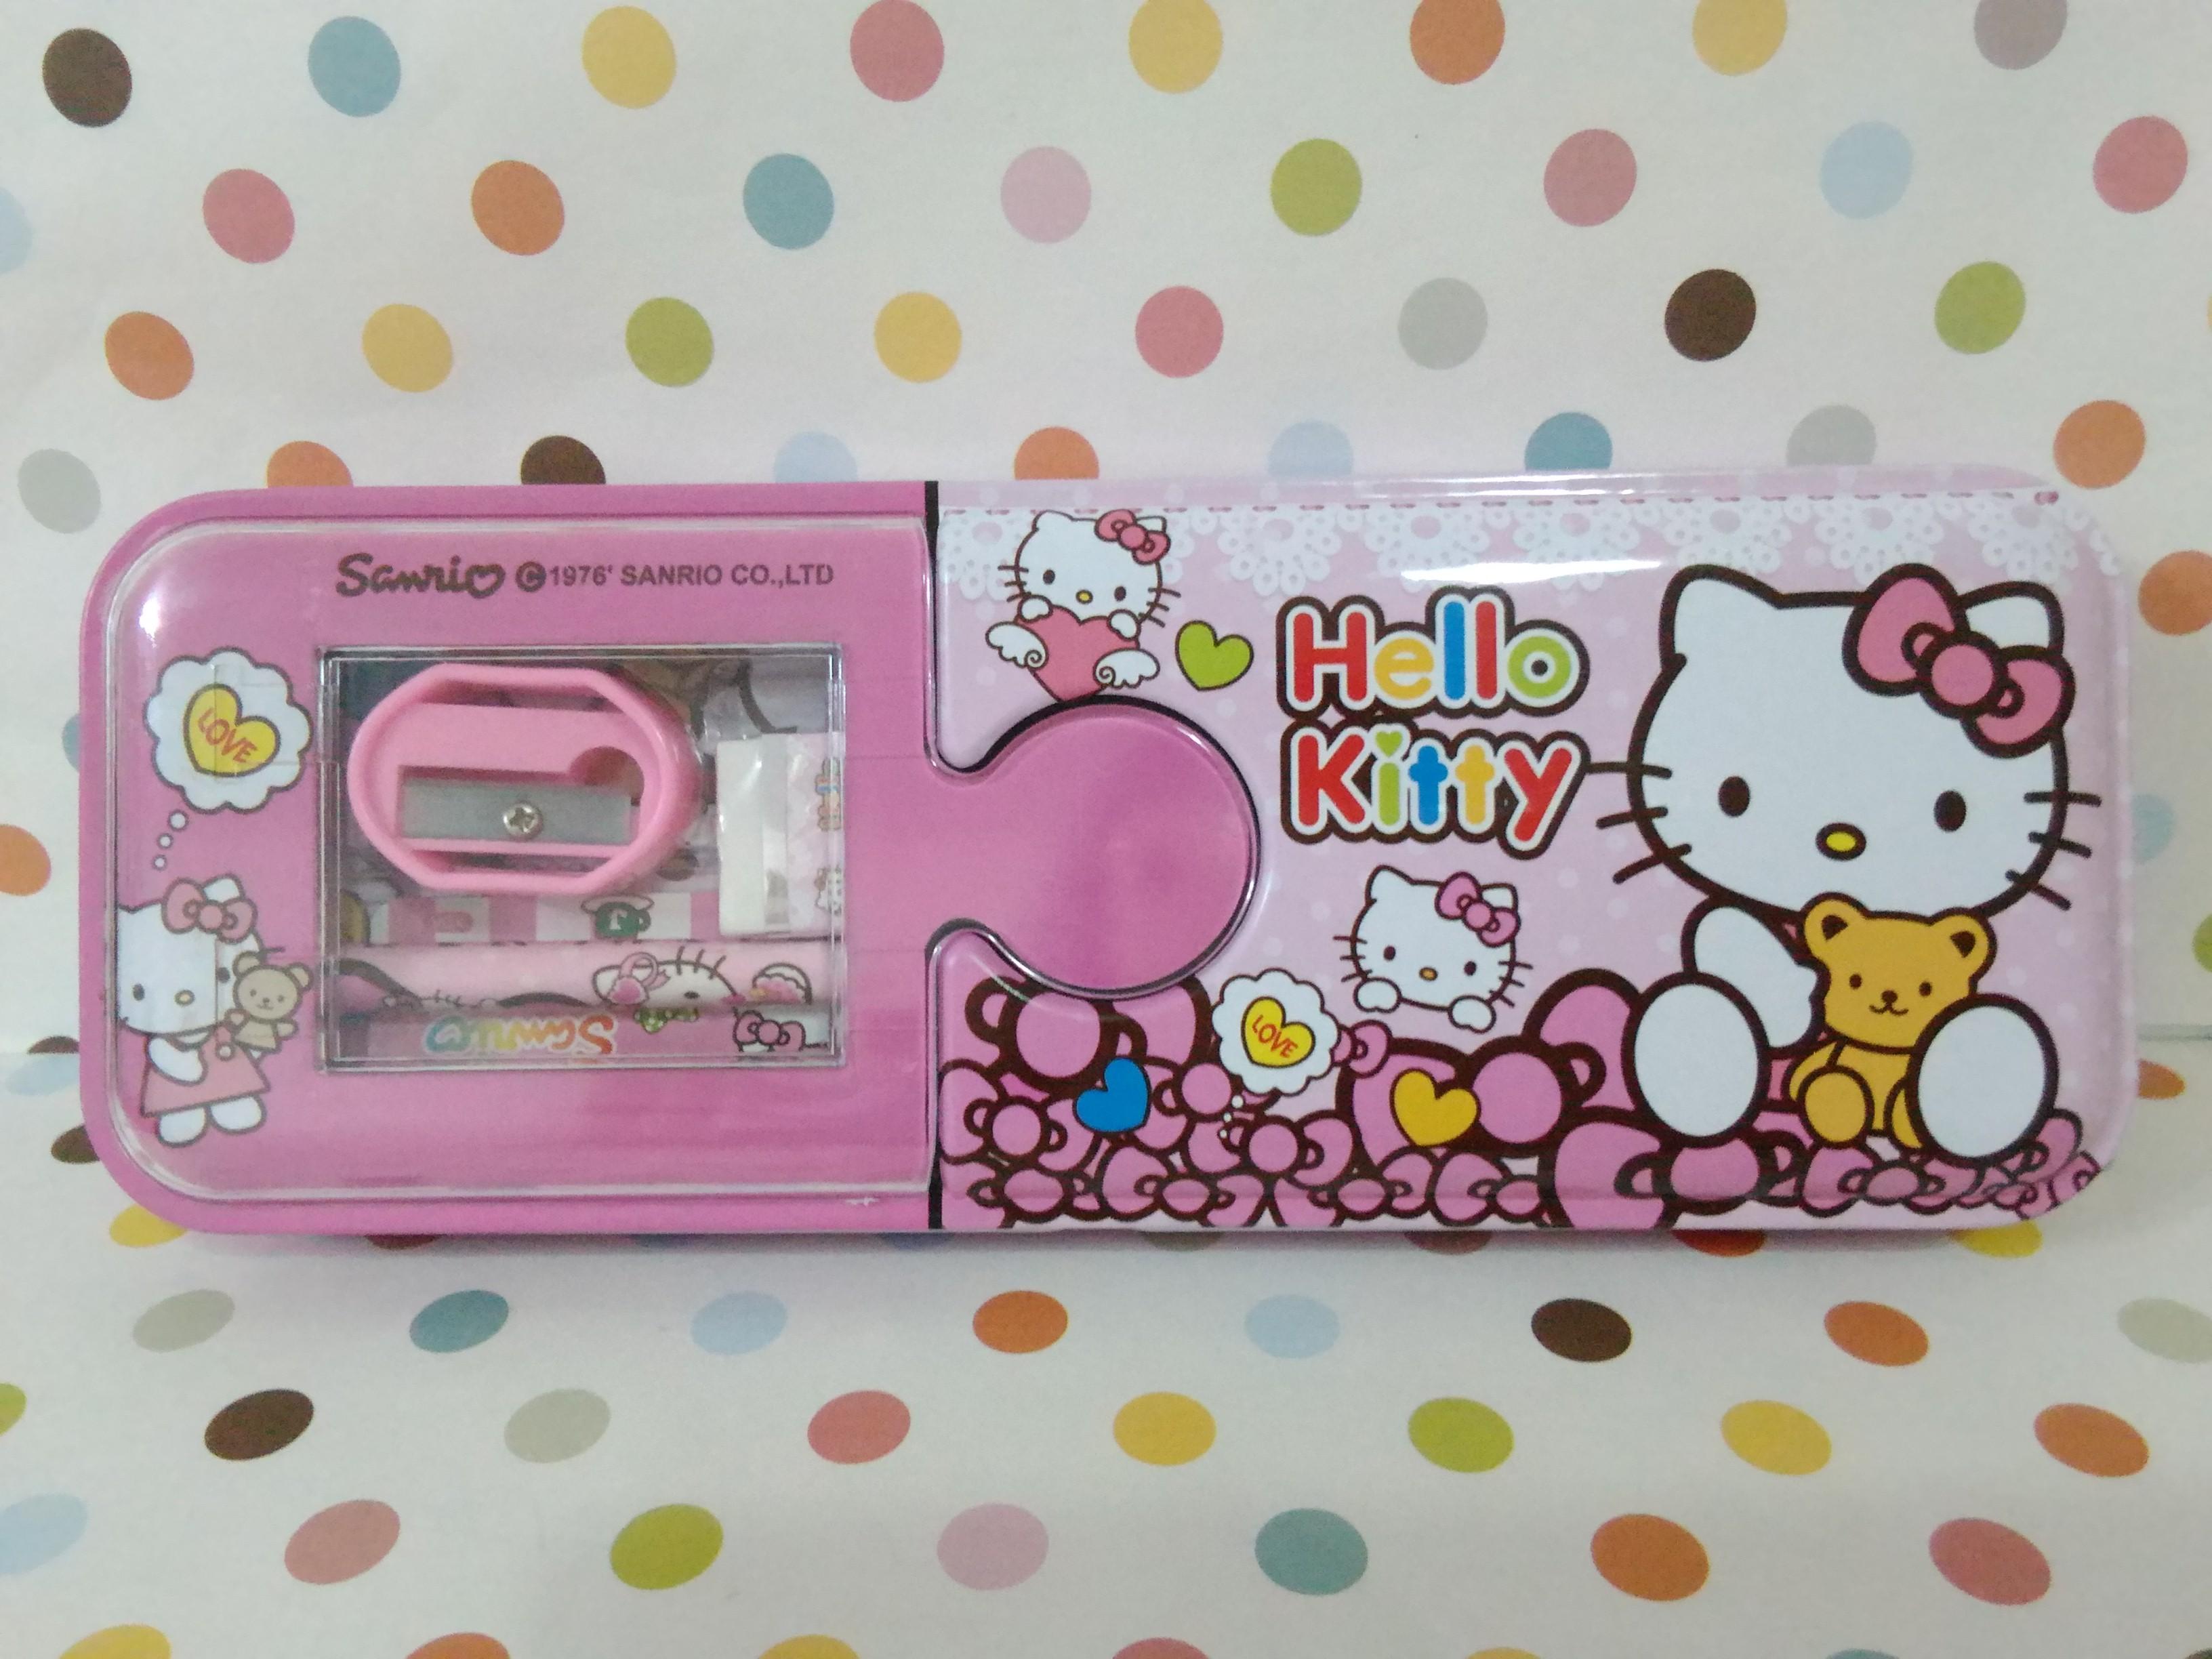 กล่องดินสอเหล็ก ฮัลโหลคิตตี้ Hello Kitty ขนาด 8 ซม. * 21 ซม. ลายฮัลโหลคิตตี้